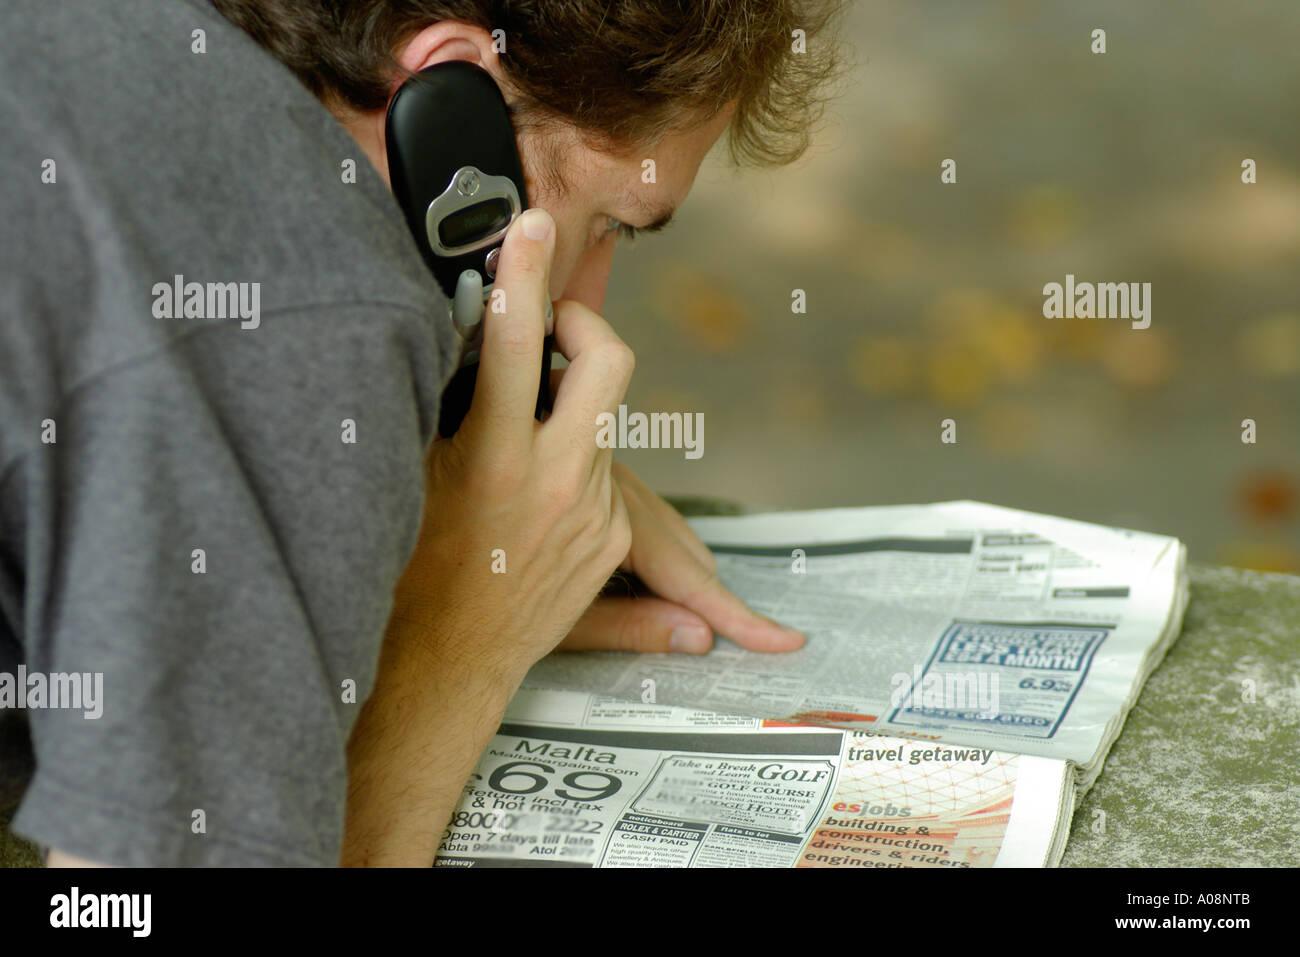 Job Ad Stock Photos & Job Ad Stock Images - Alamy